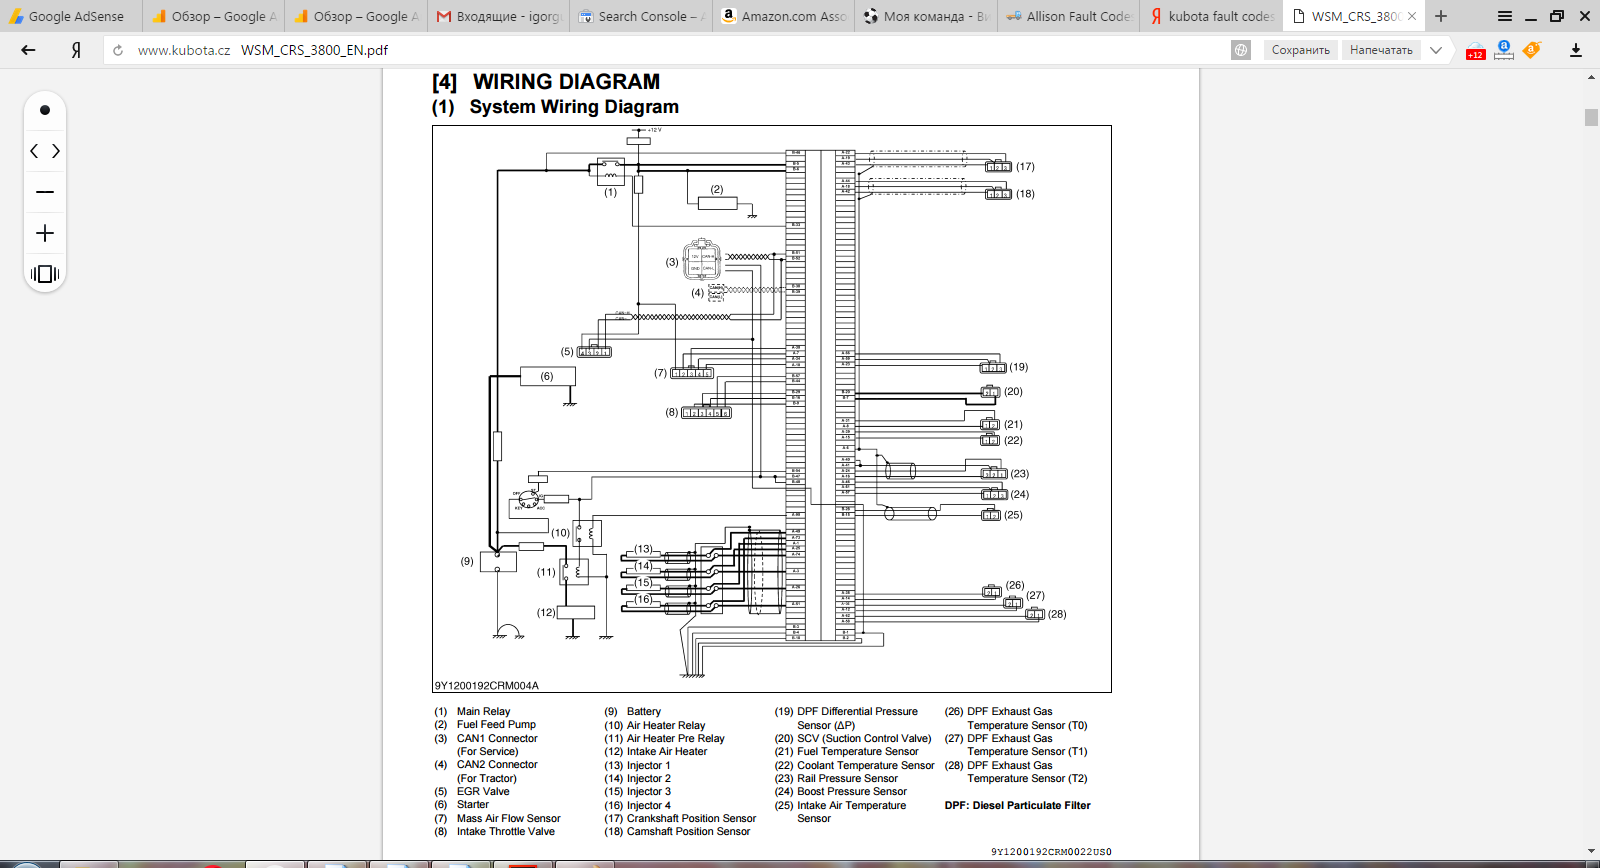 kubota m125x wiring diagram diy enthusiasts wiring diagrams u2022 rh broadwaycomputers us Kubota M7040 Service Manual Kubota M7040 Loader